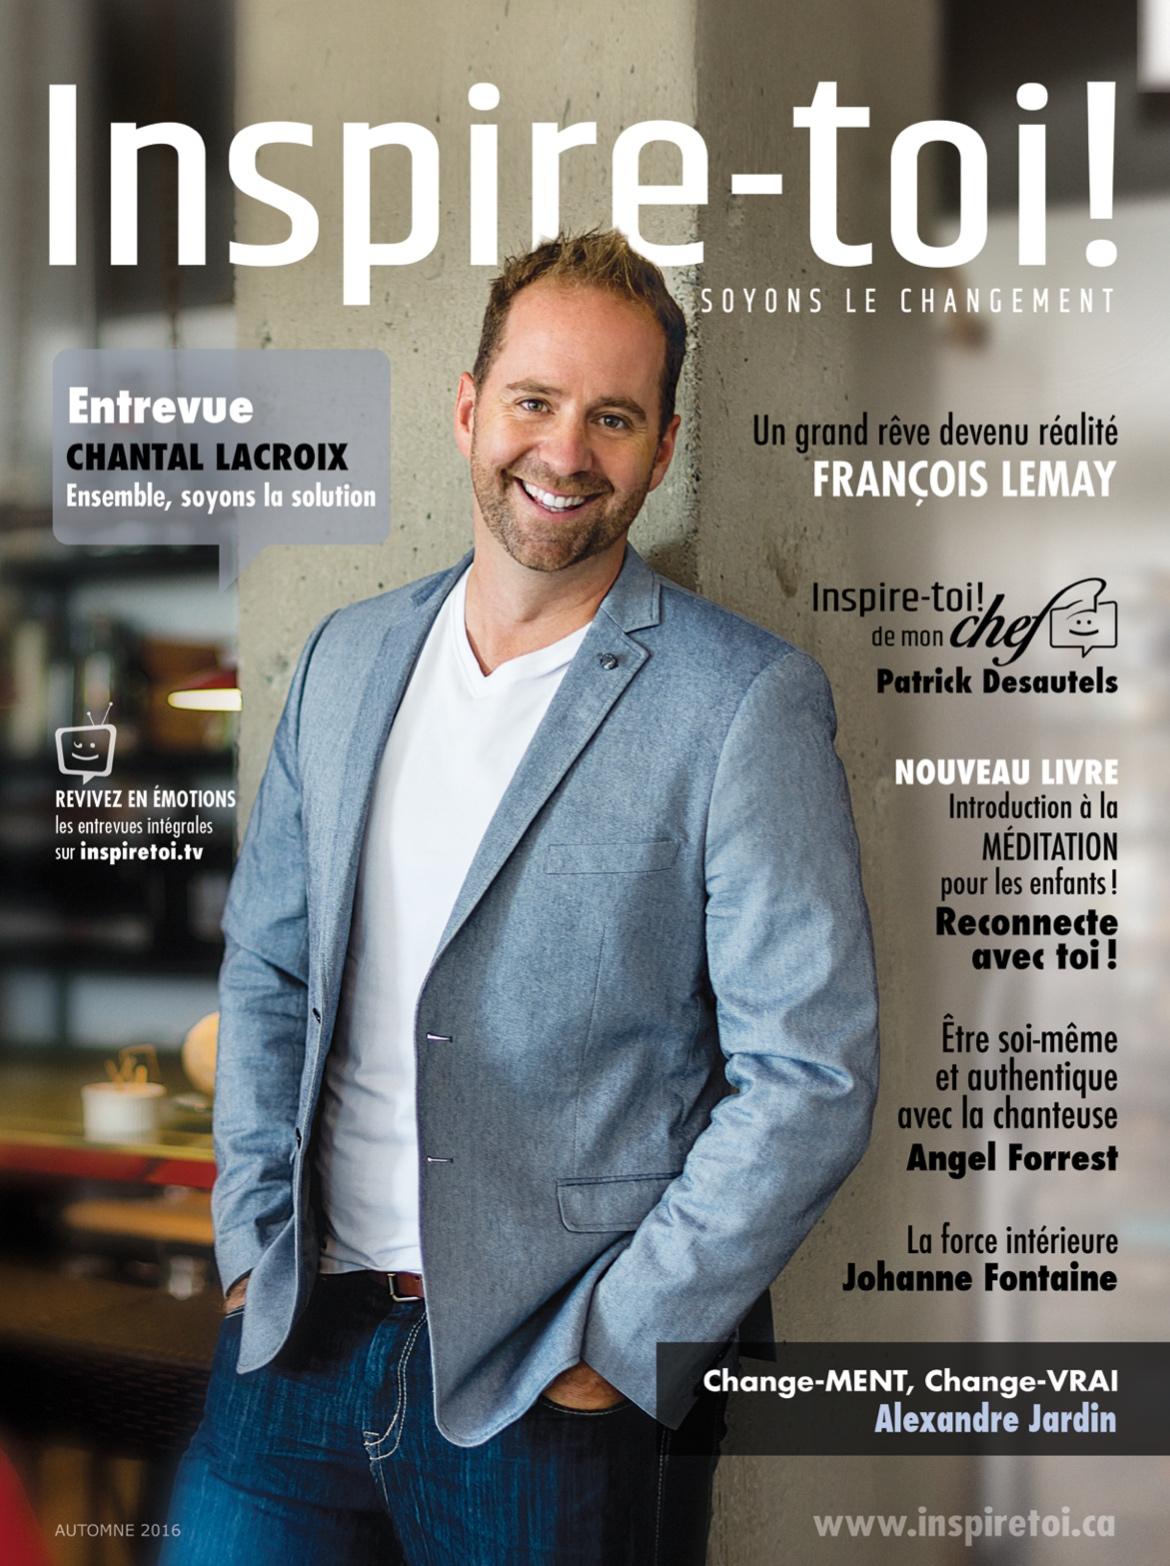 Magazine Inspire-toi 1-img